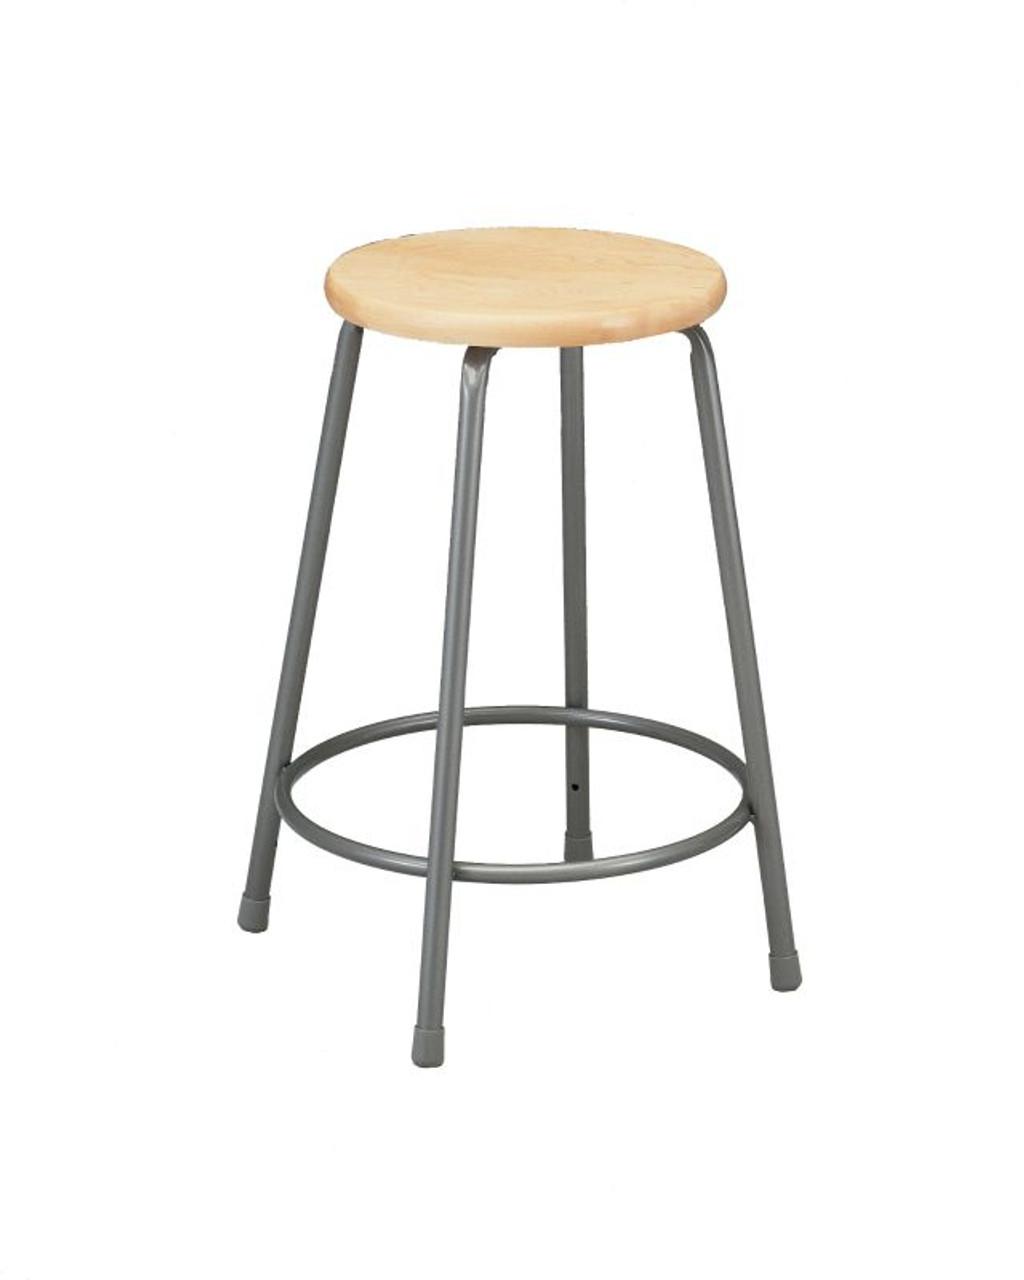 Ki 624w Industrial Wood 24 Seat Stool L Affordable Stools Ki